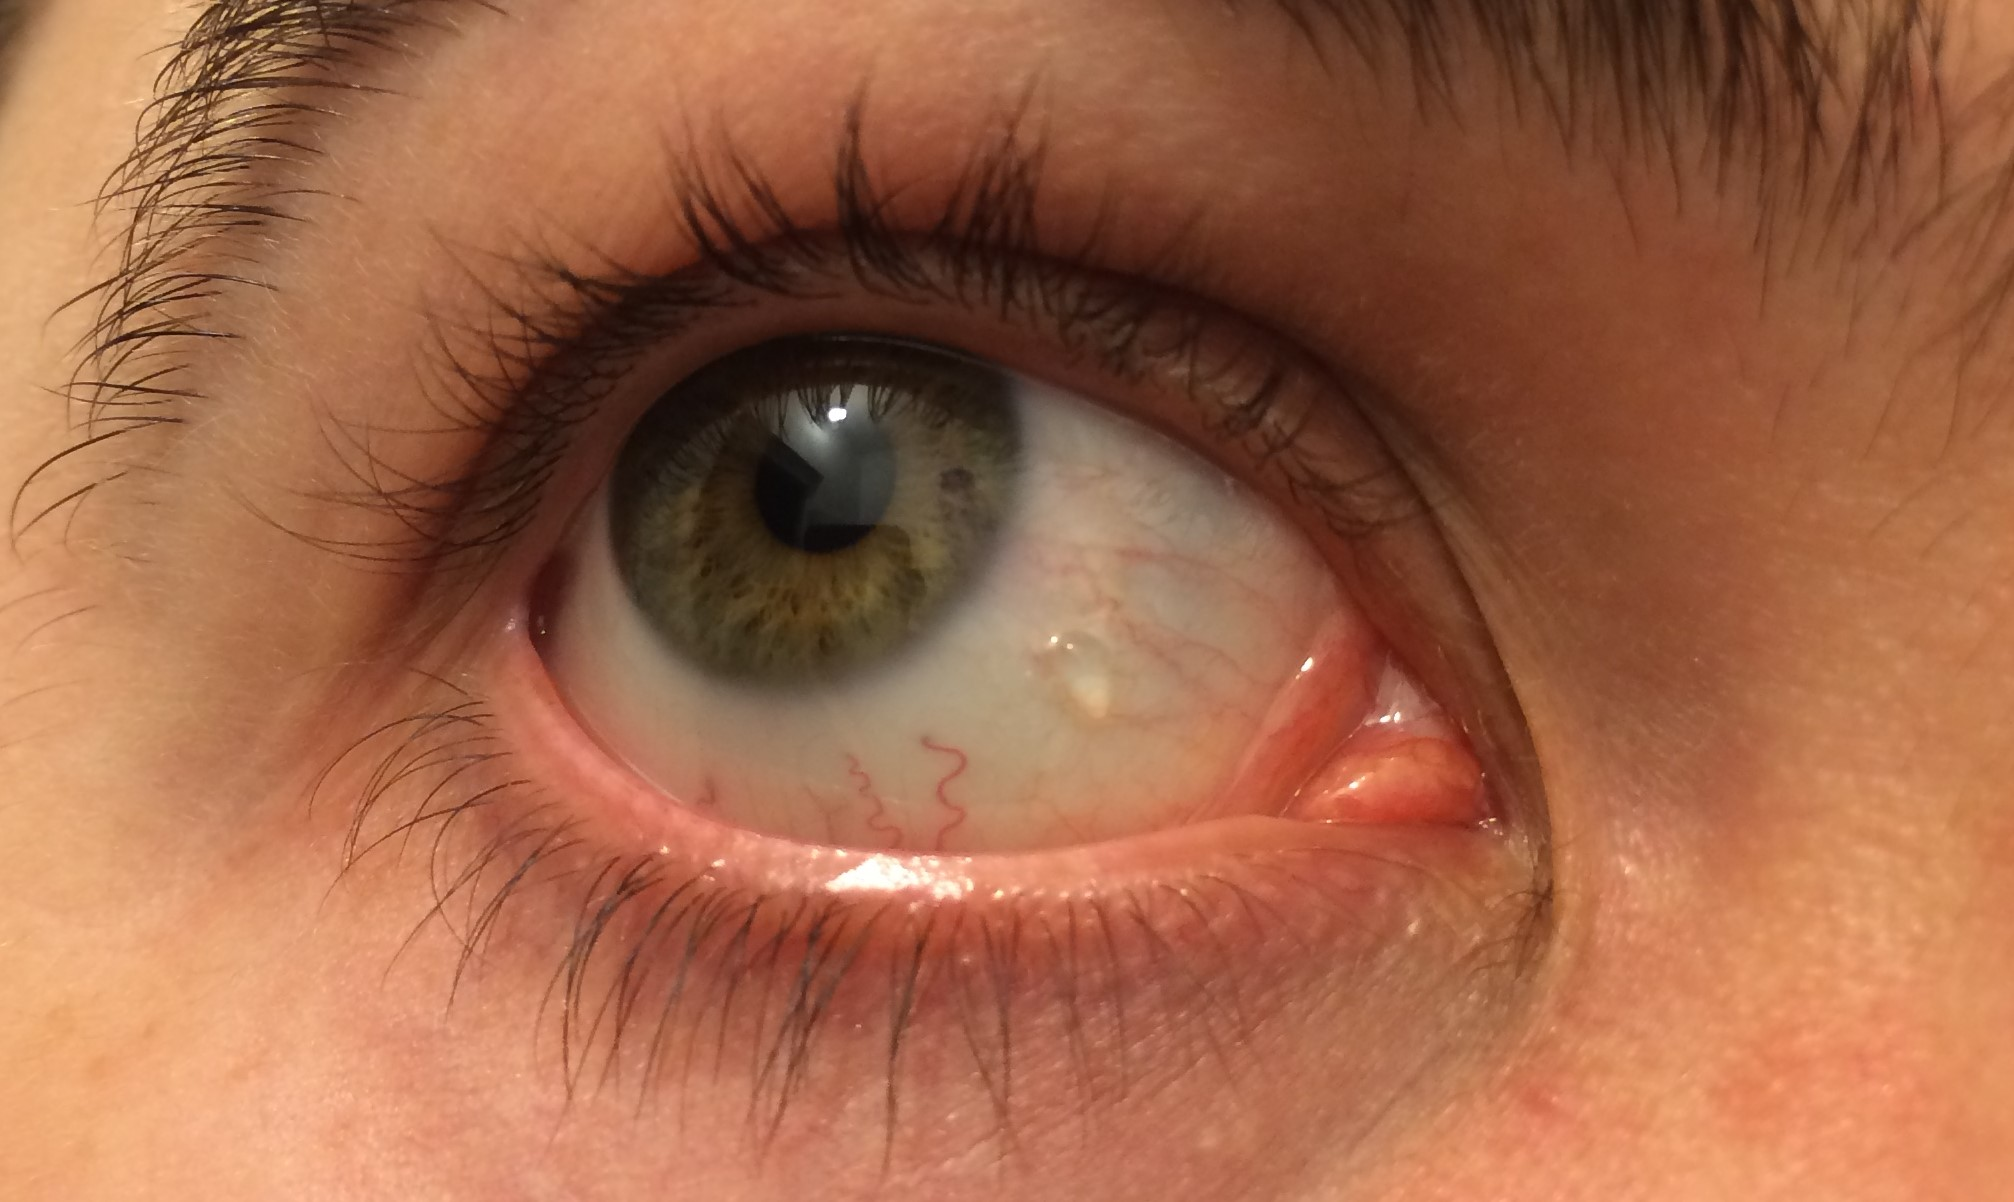 Лечение и симптомы вирусного конъюктивита у взрослых и детей: фото